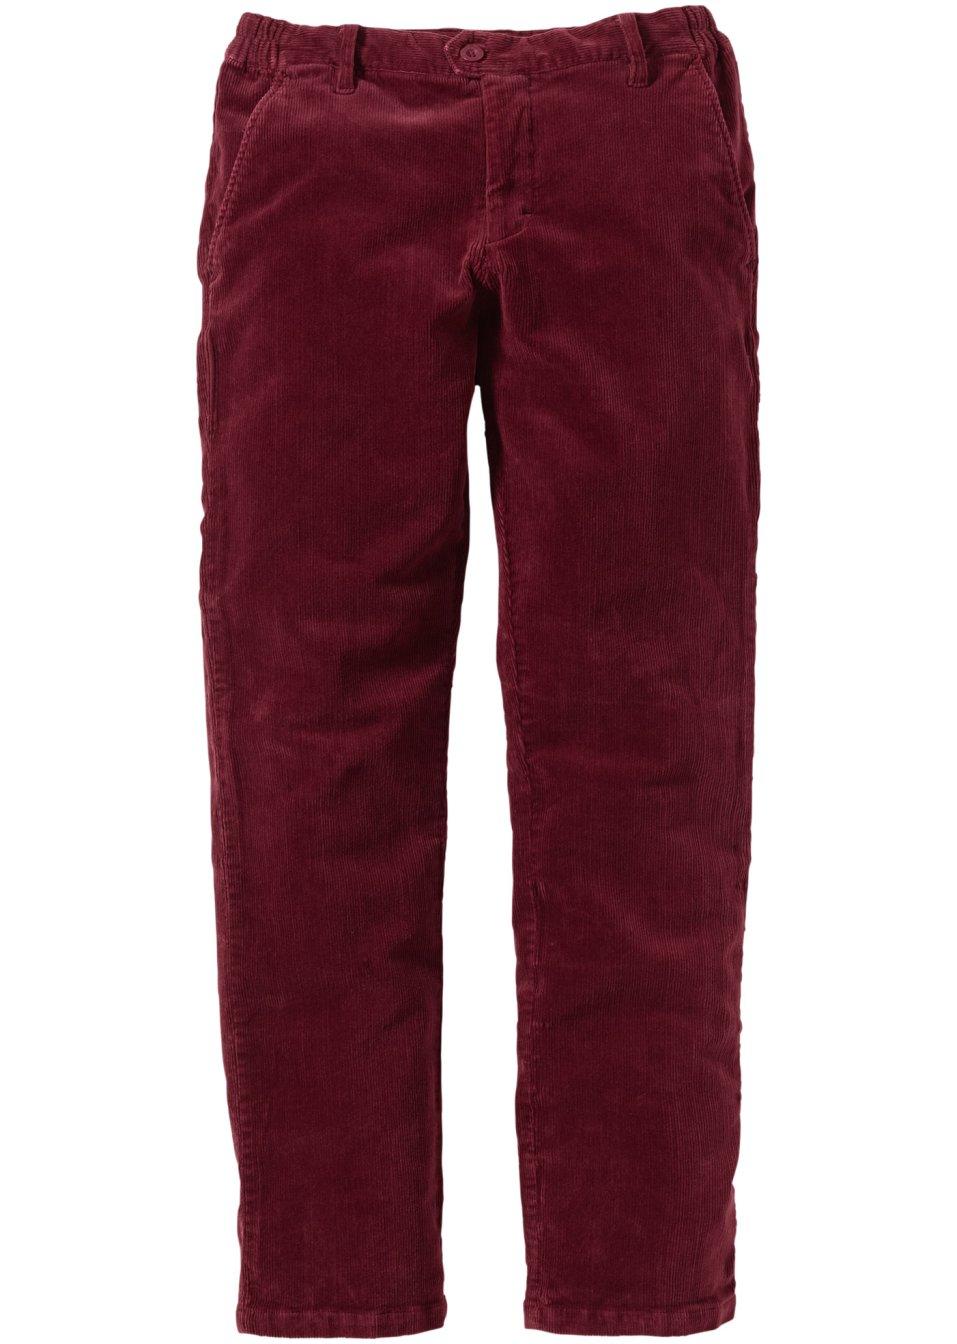 Pantalon en velours c tel slim fit bordeaux homme - Pantalon velours cotele homme ...